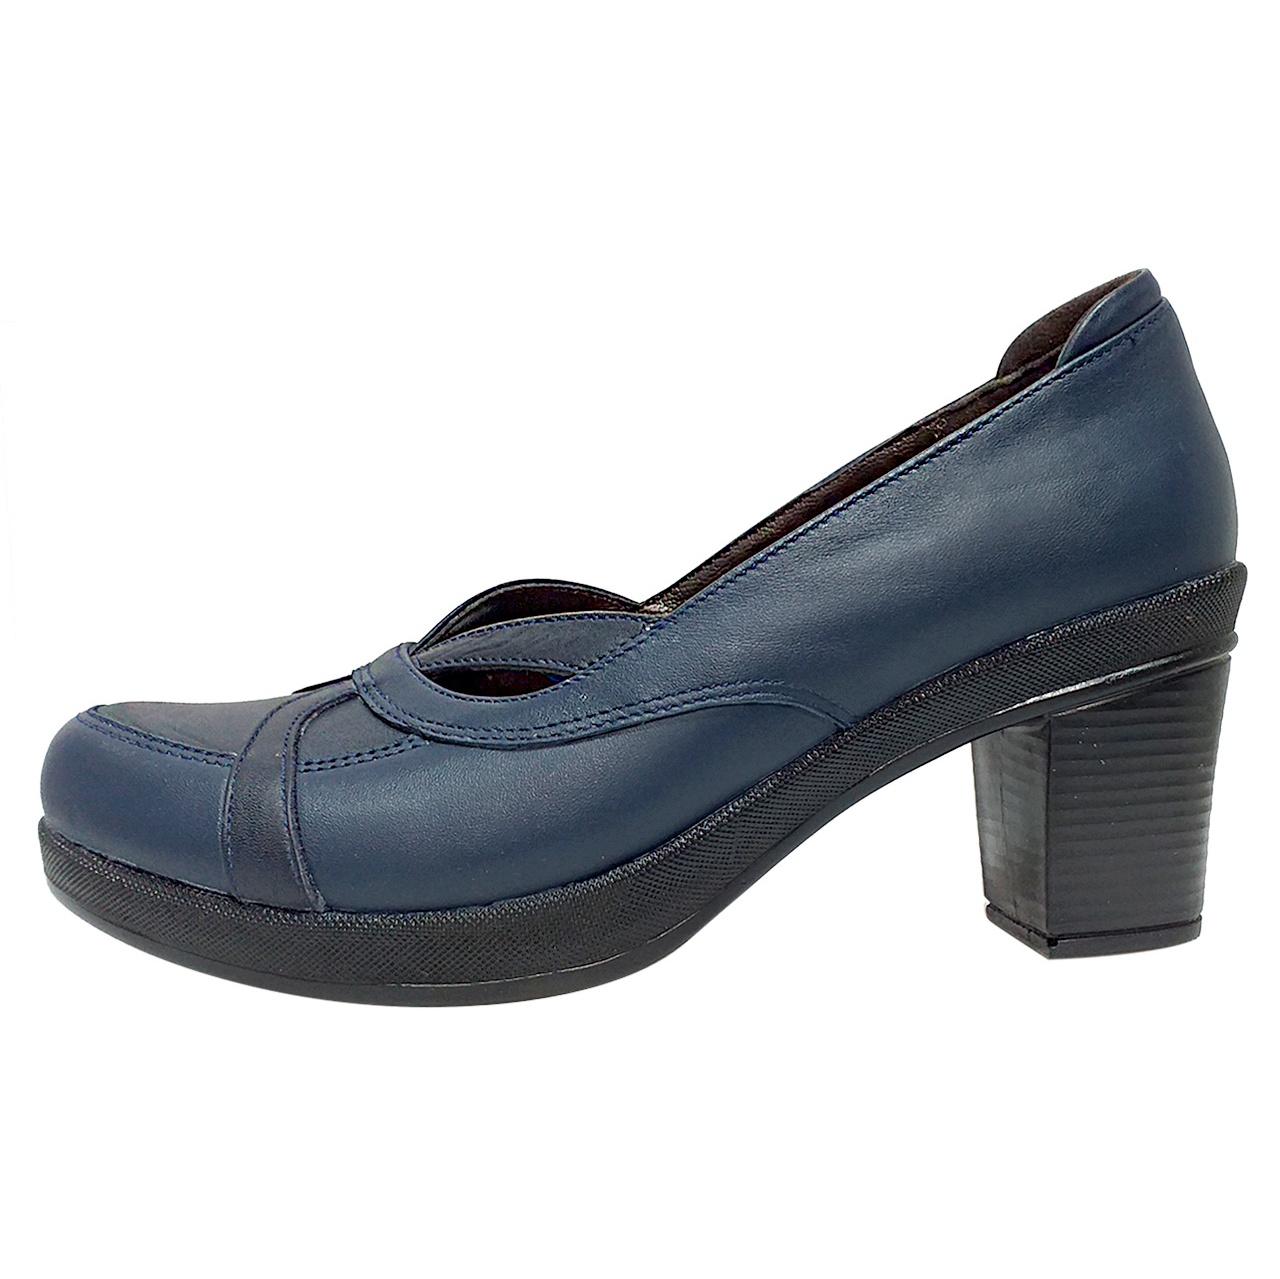 کفش طبی زنانه روشن مدل نازنین کد 03